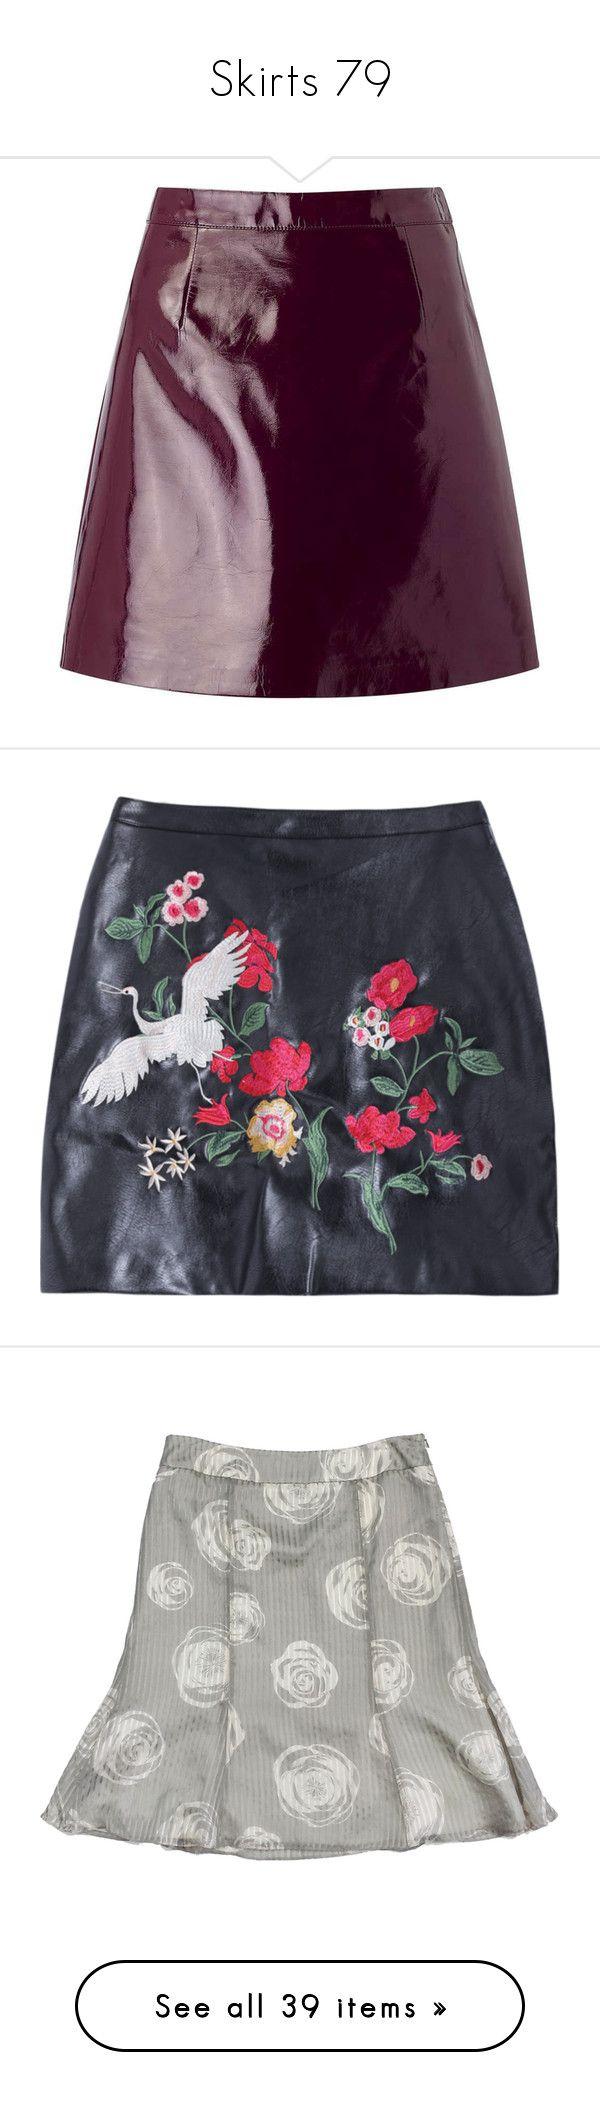 """""""Skirts 79"""" by katiemarilexa ❤ liked on Polyvore featuring skirts, purple, pu skirt, patent skirt, patent leather skirt, purple skirt, miss selfridge, mini skirts, pleather skirt and leatherette skirt"""